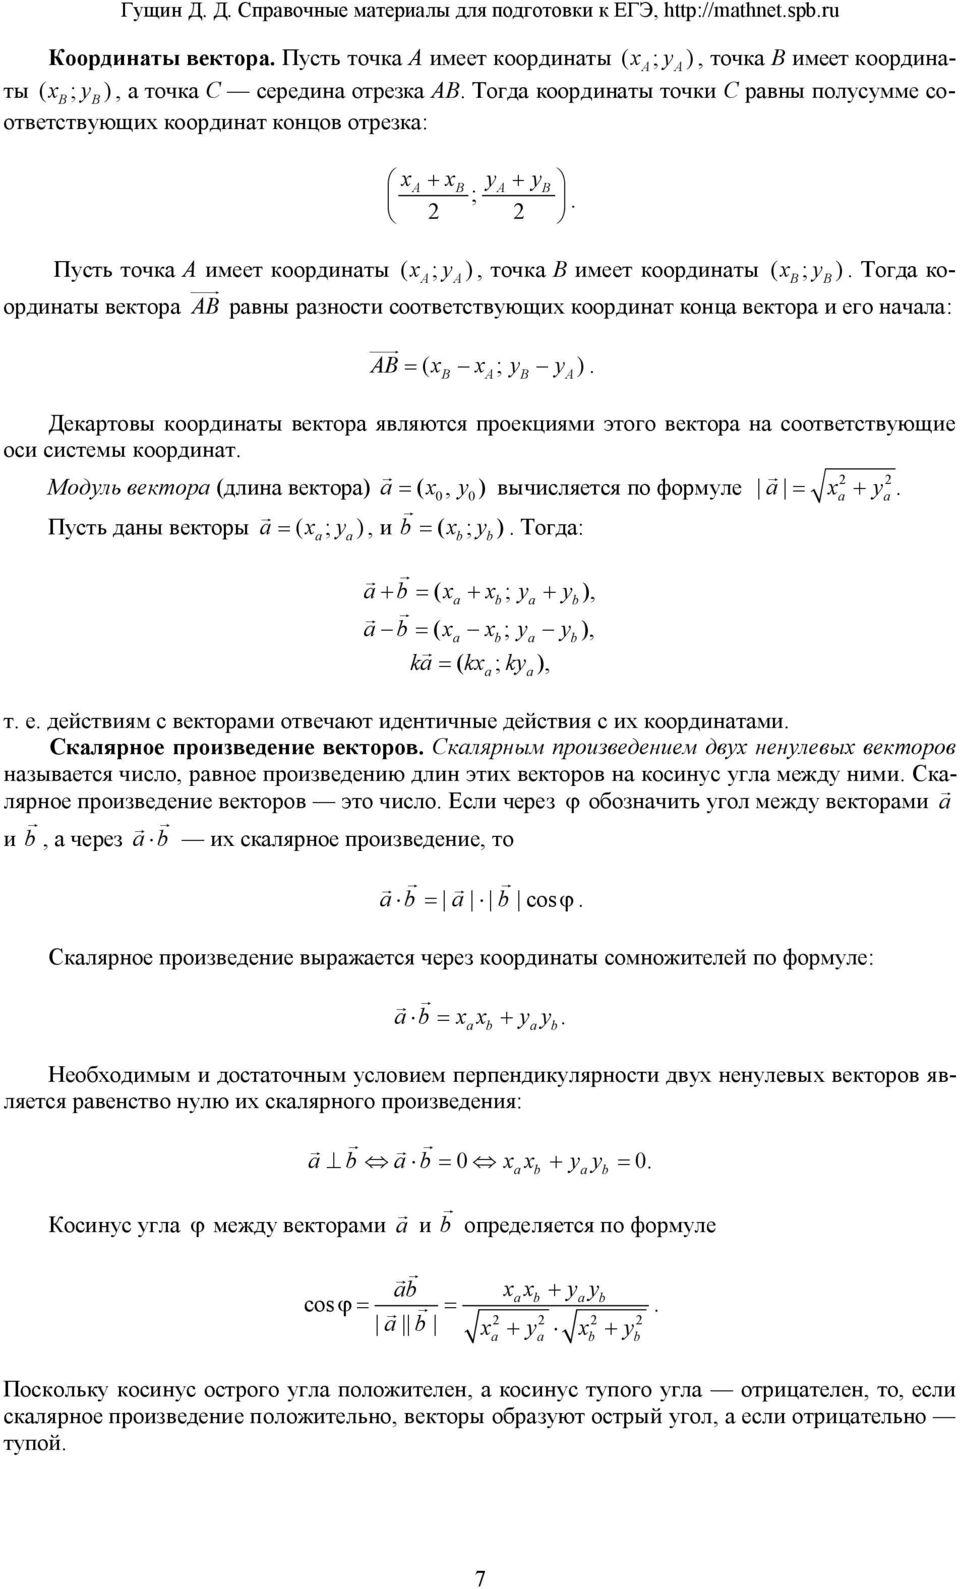 Касательные, секущие, хорды | егэ по математике (профильной)